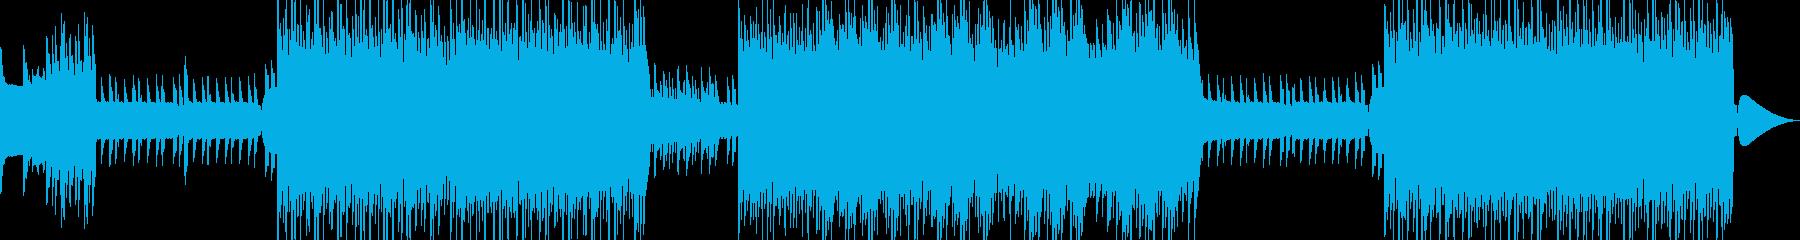 昔懐かしいレトロゲームな音源を交えた曲…の再生済みの波形